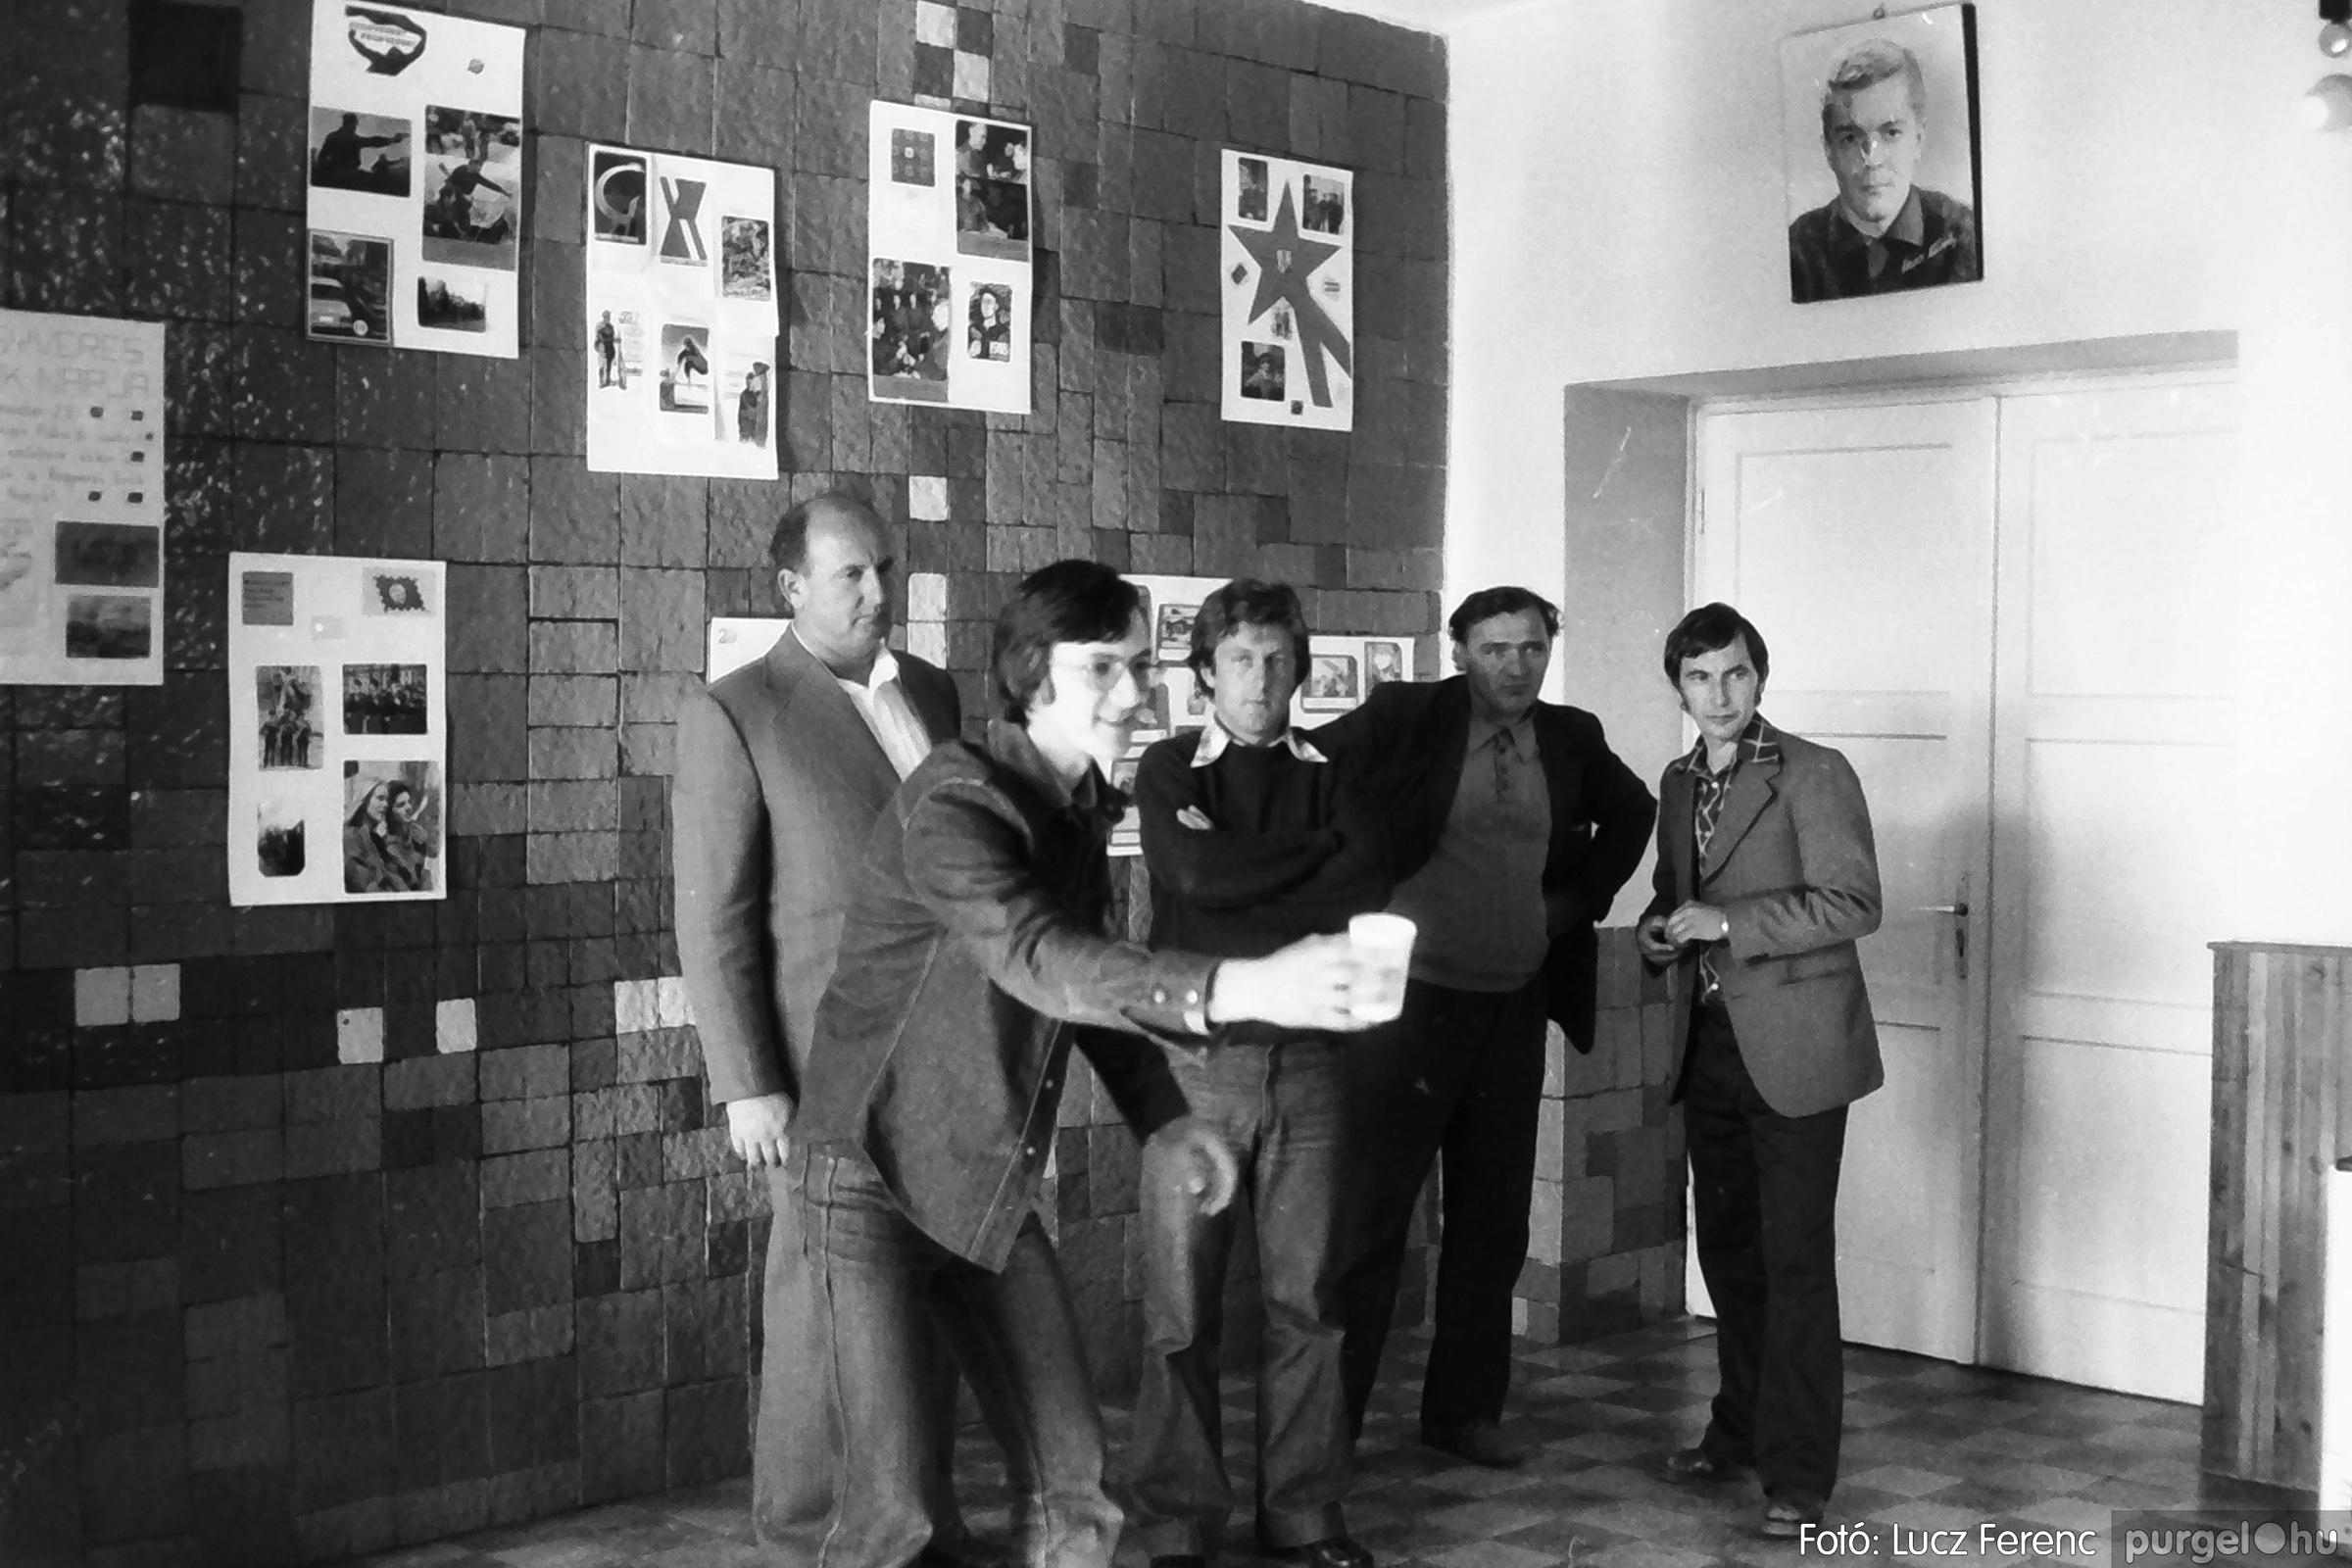 090. 1977. Puskin TSZ szocialista brigád vetélkedője 002. - Fotó: Lucz Ferenc.jpg